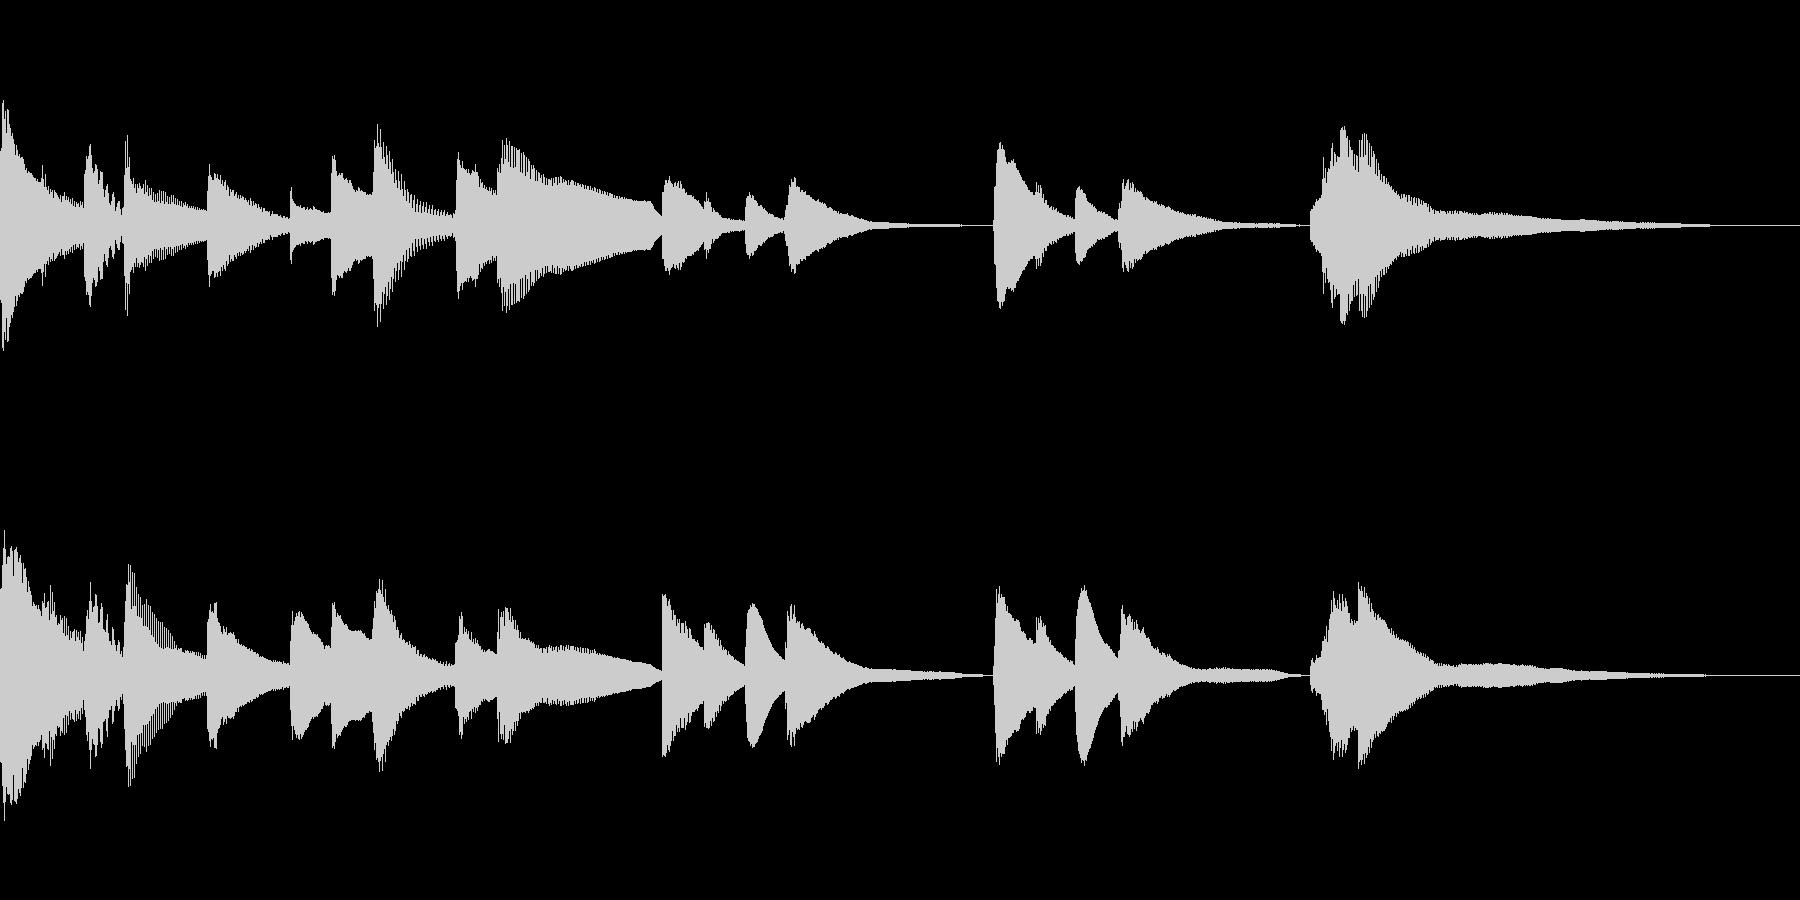 切ないバラードのBGMの未再生の波形